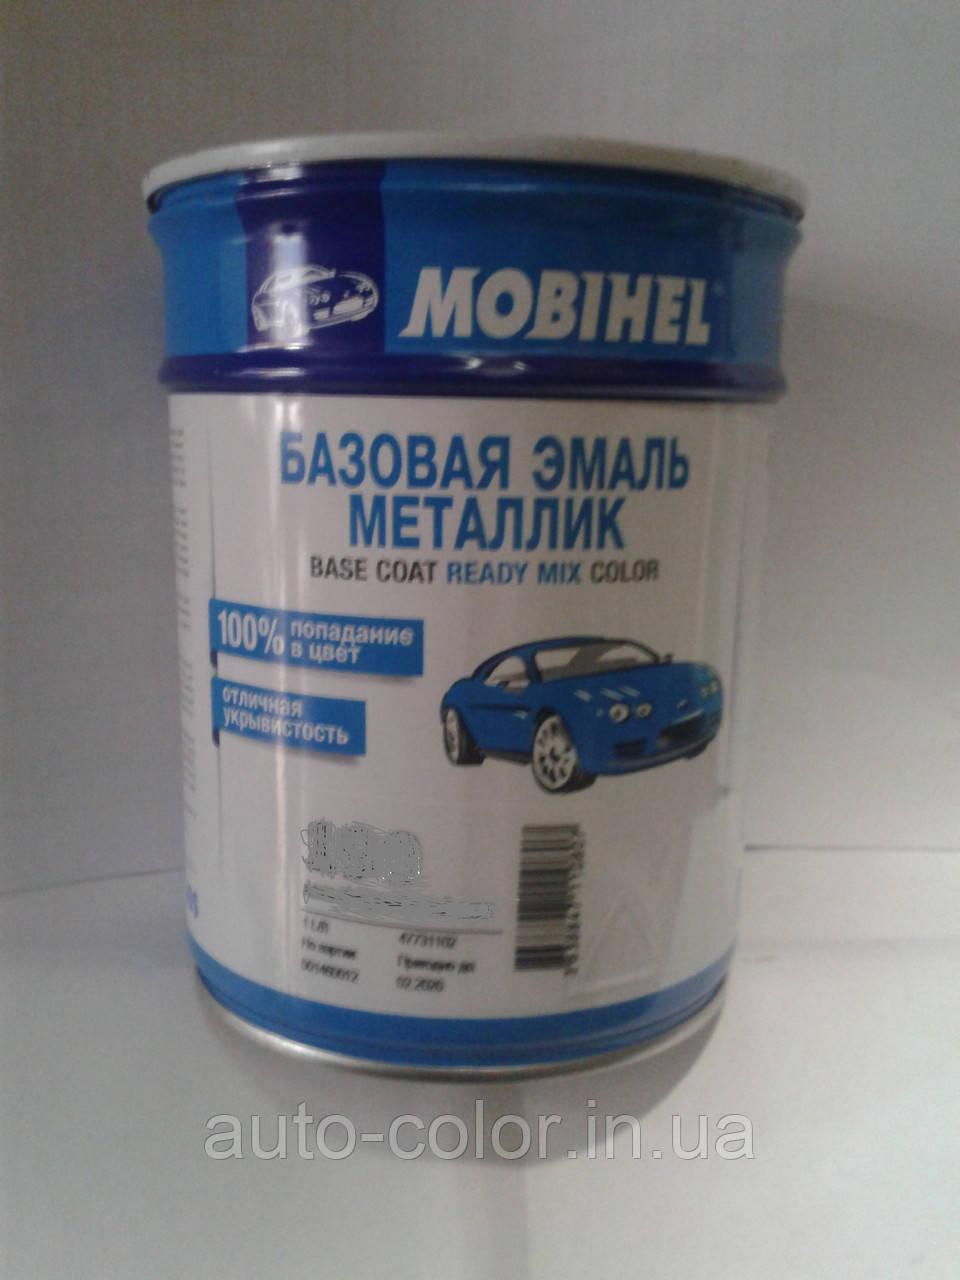 Автоемаль базова металік Mobihel 61G Logan 1л